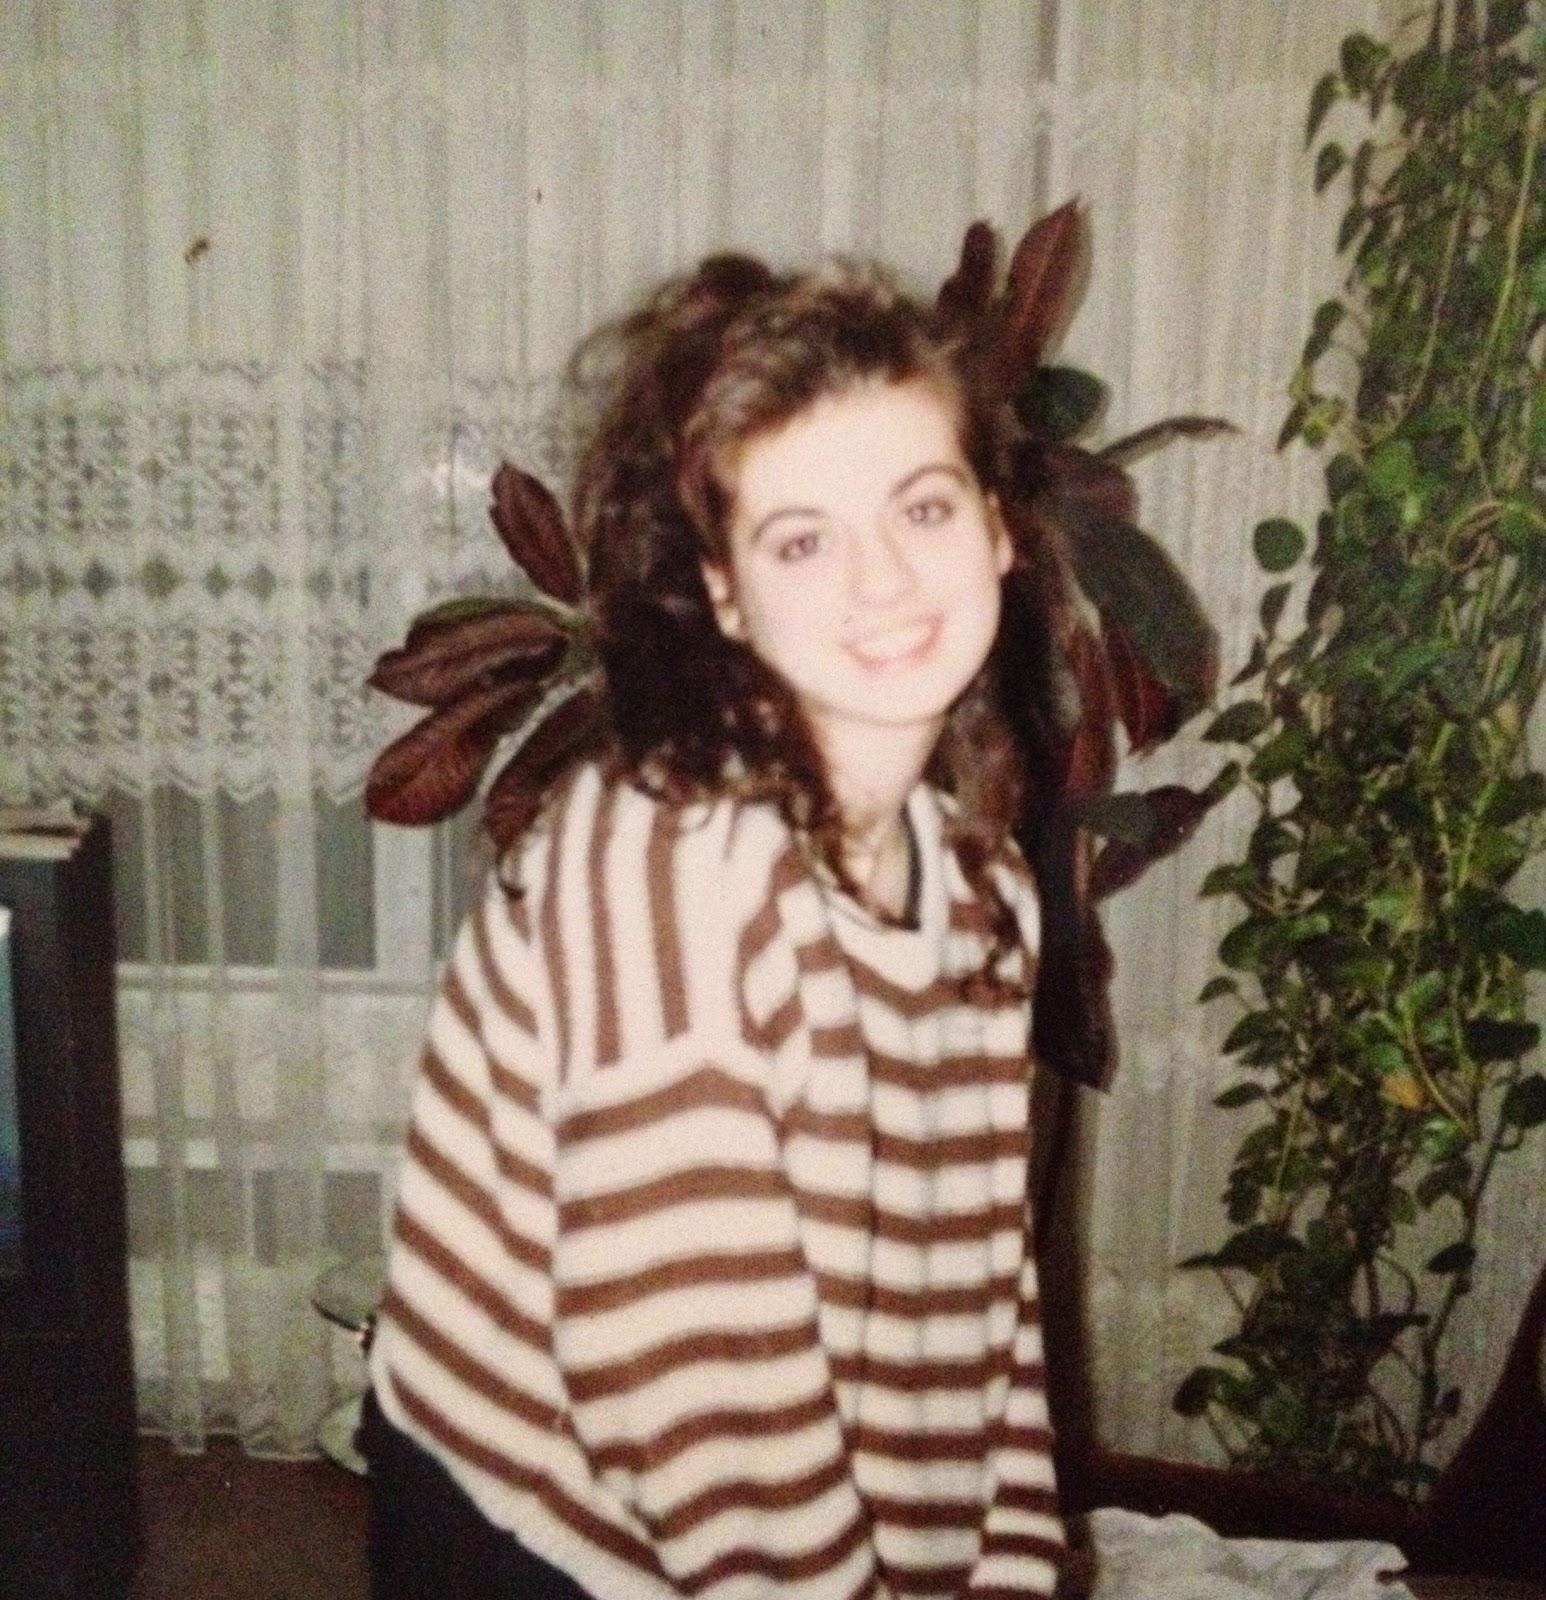 Leyla Arsan in High School